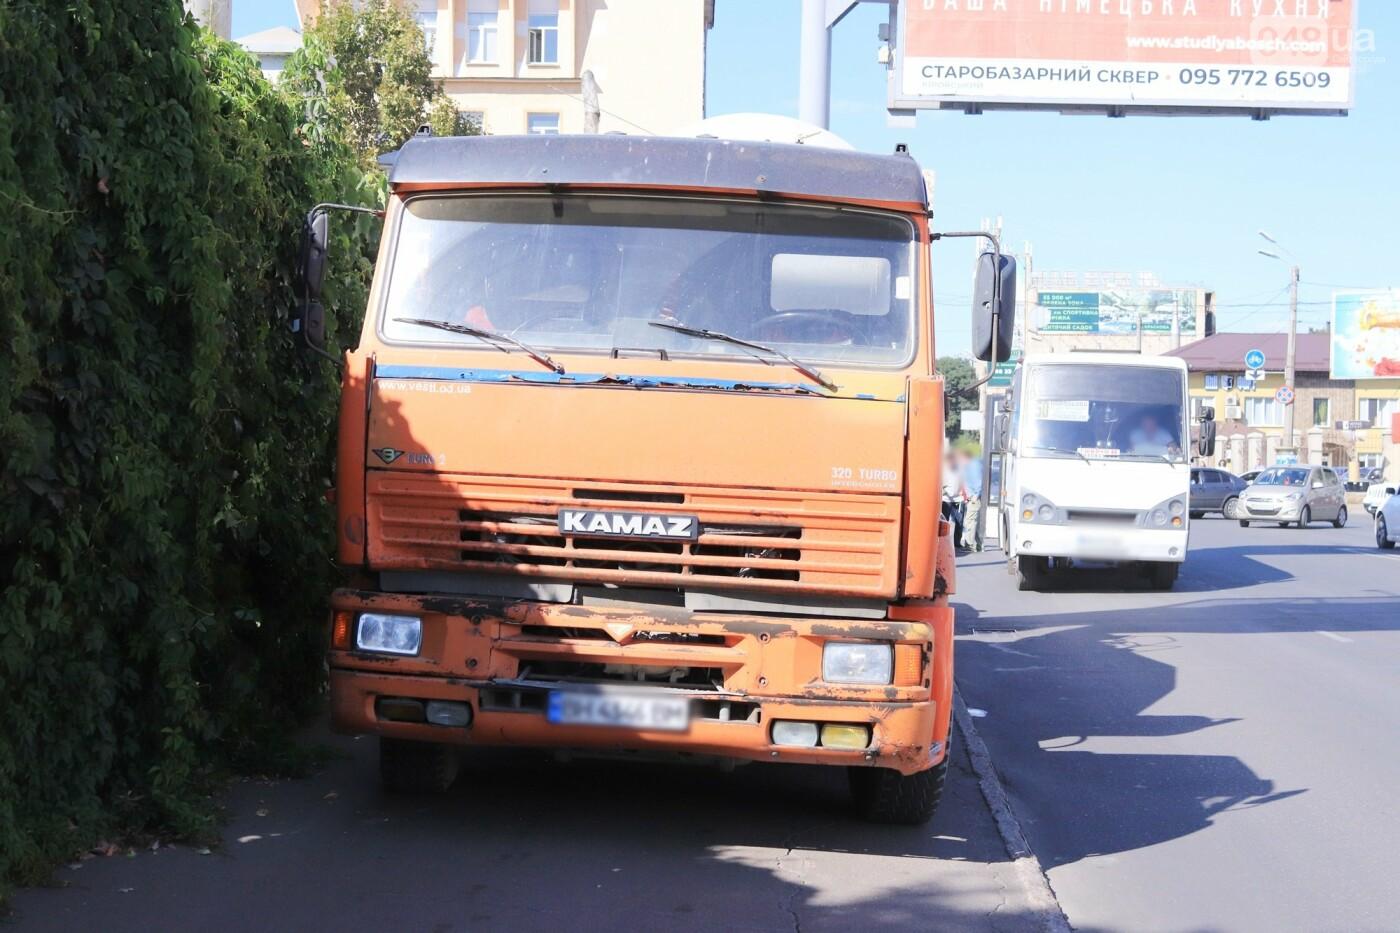 Могли взорваться: в Одессе КАМАЗ протаранил на светофоре легковушку с баллоном газа в багажнике, - ФОТО , фото-6